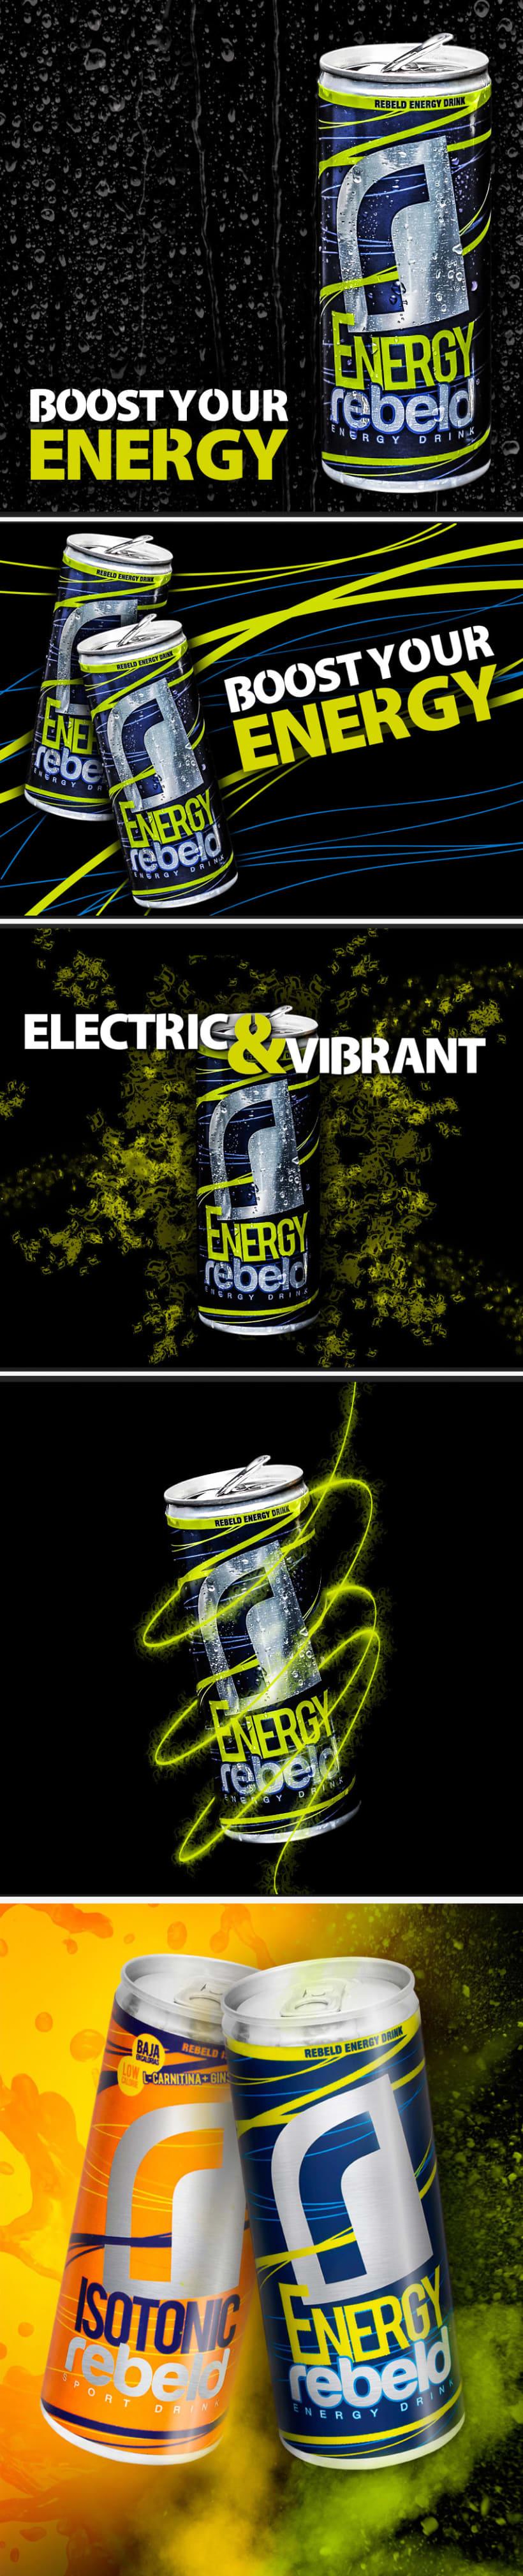 REBELD ENERGY DRINK. Diseño packaging 1